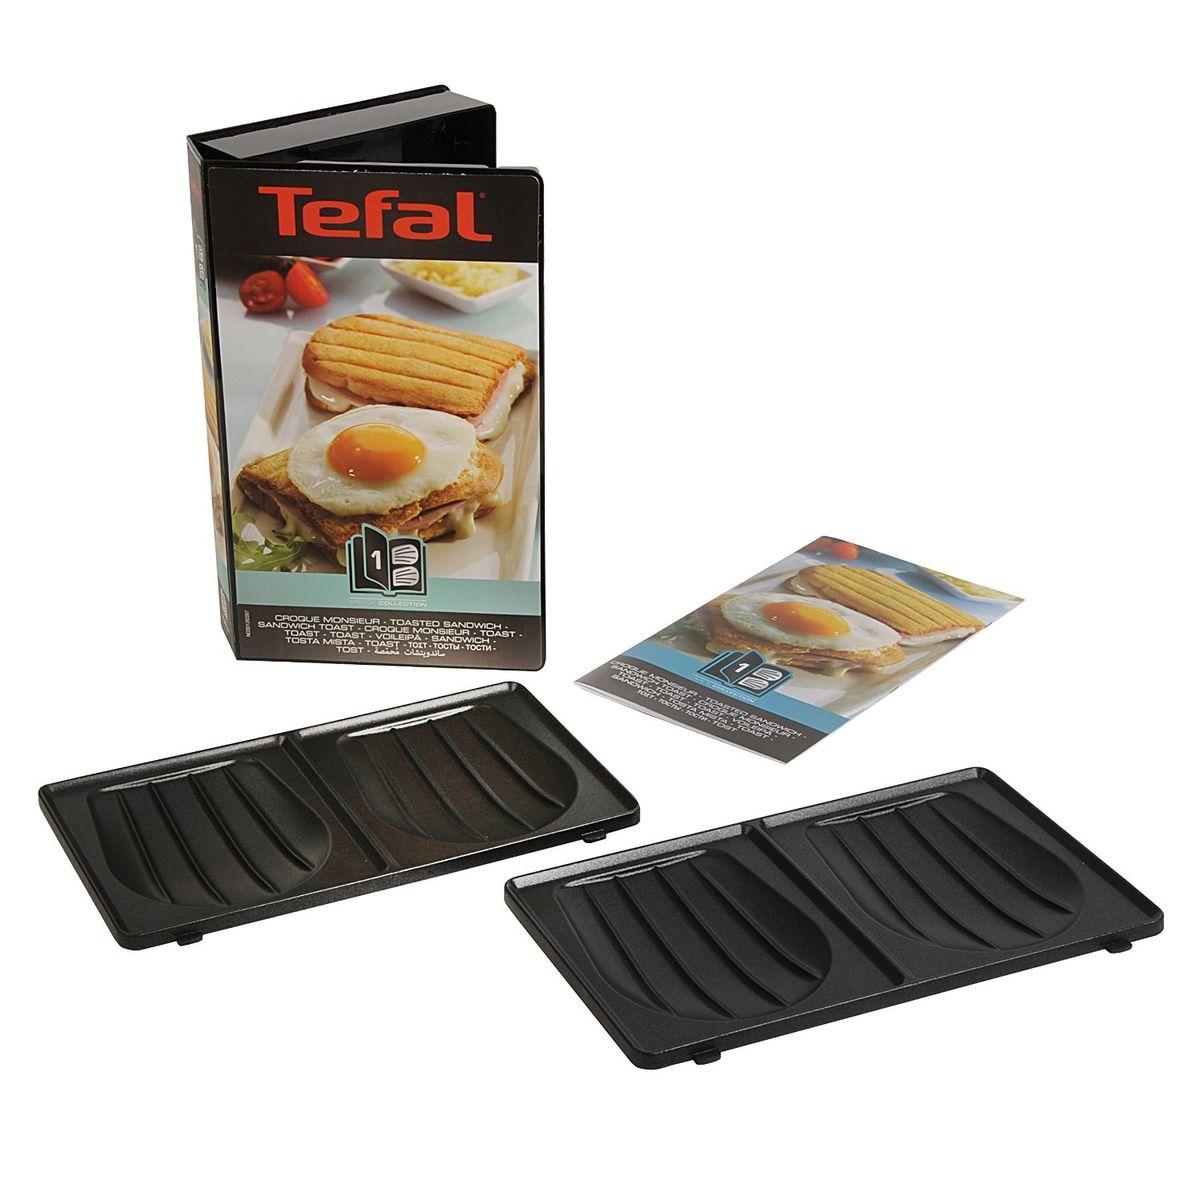 TEFAL Coffret Snack Collection Croque Monsieur + livre de recettes